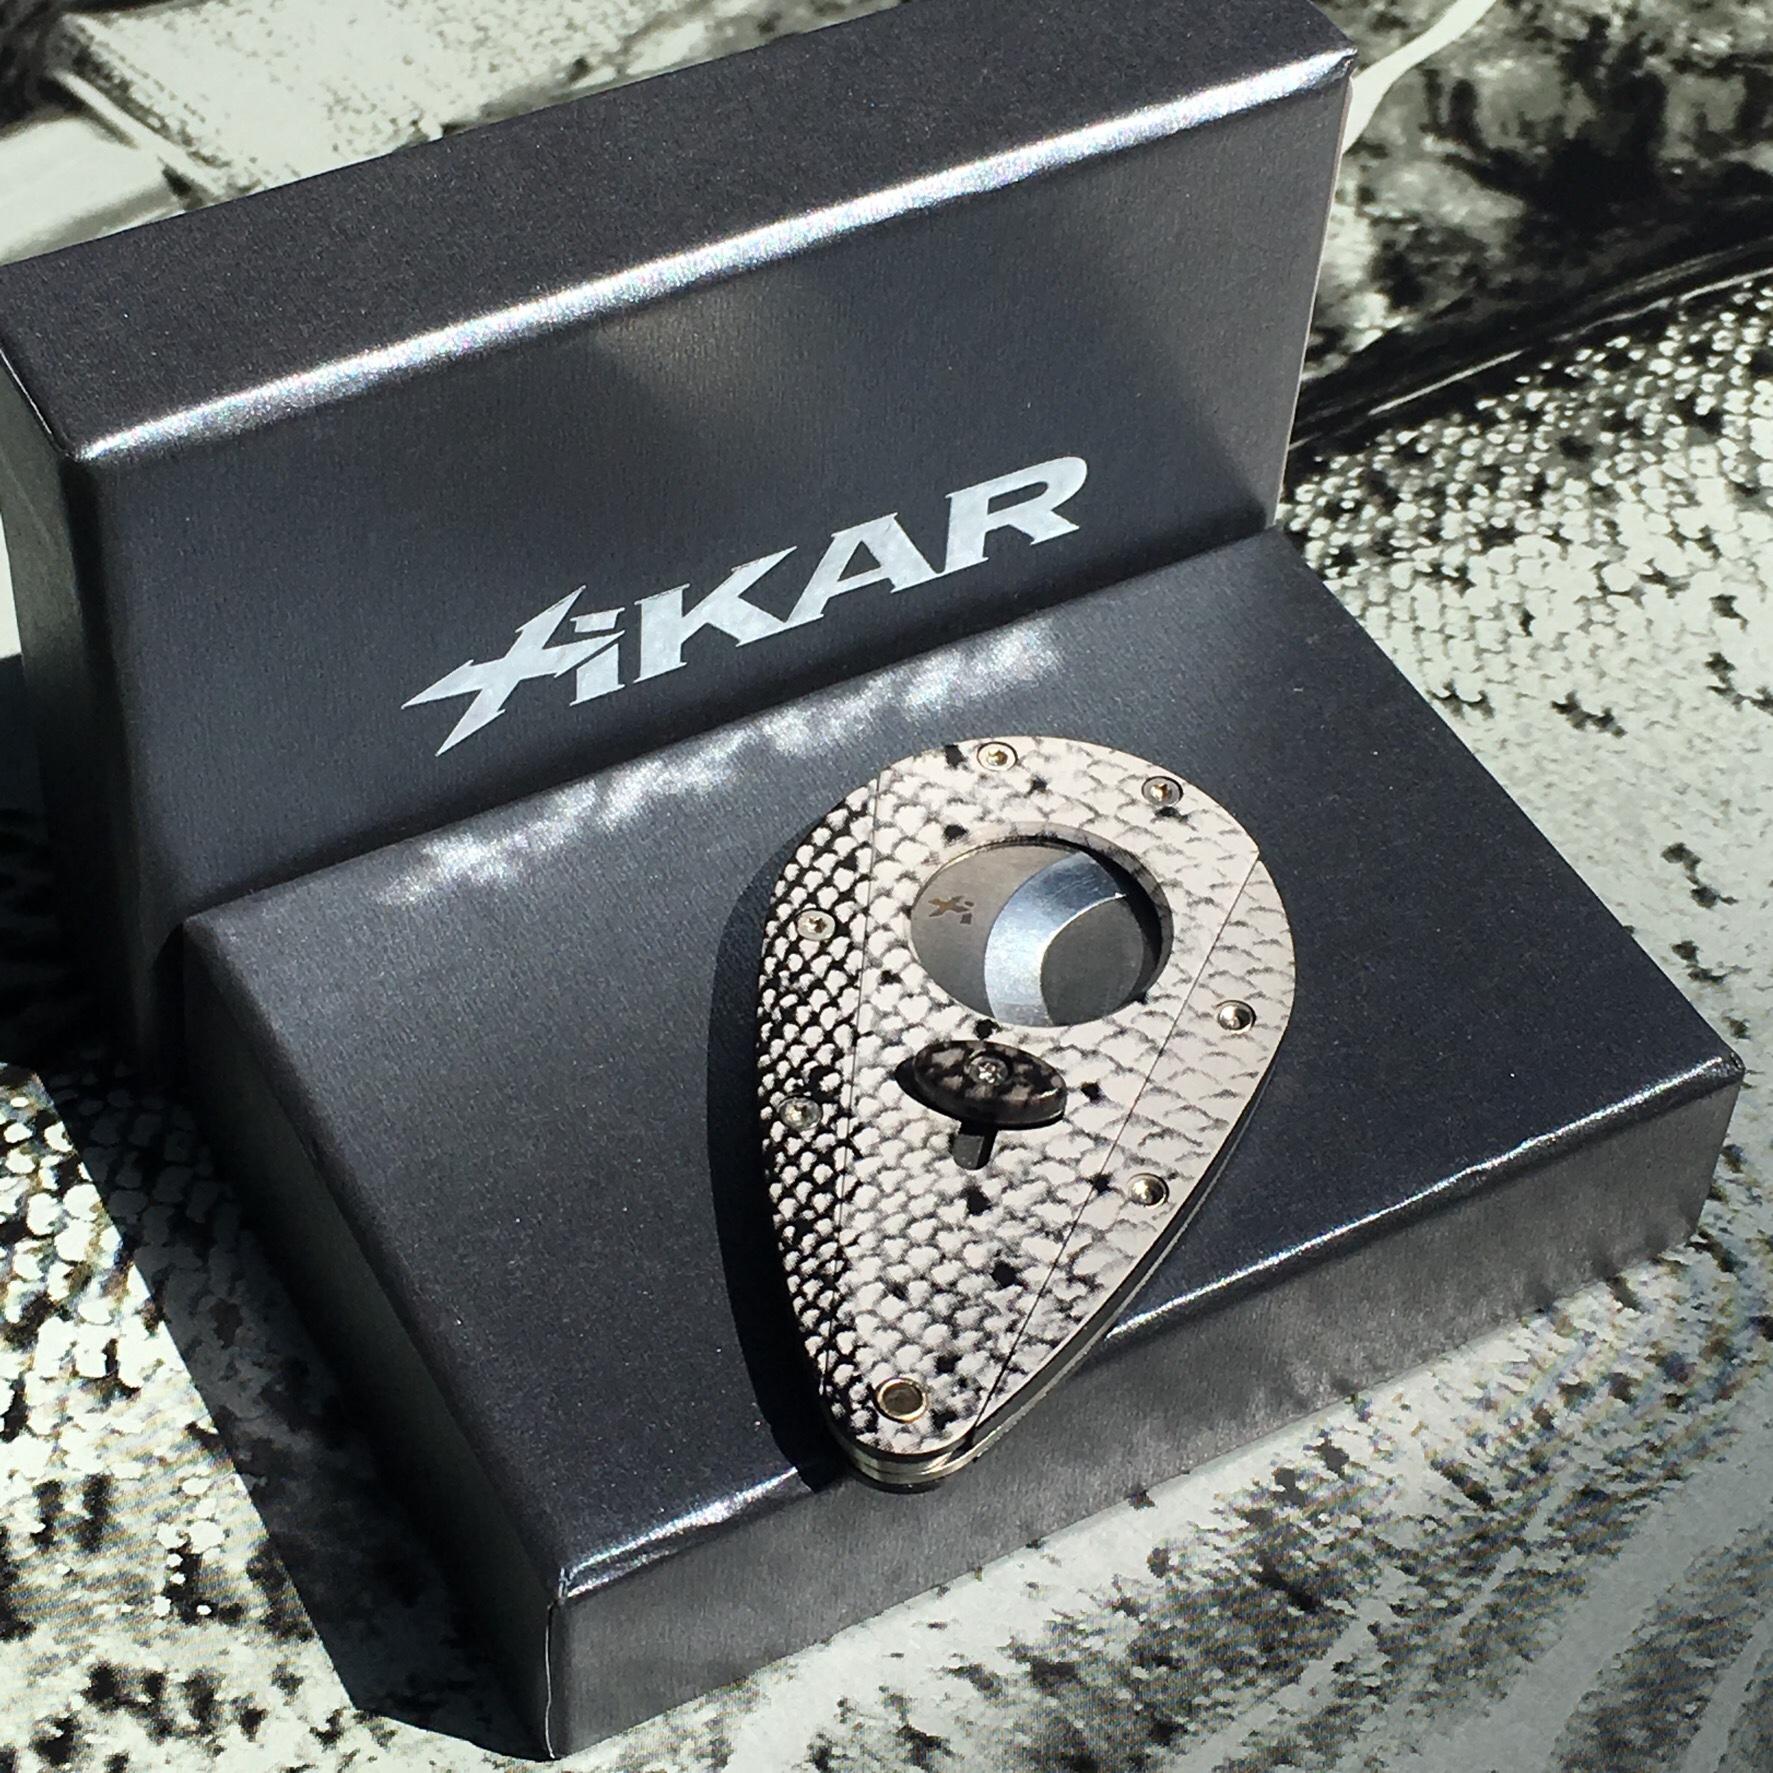 Xikar Xi1 Cigar Cutter